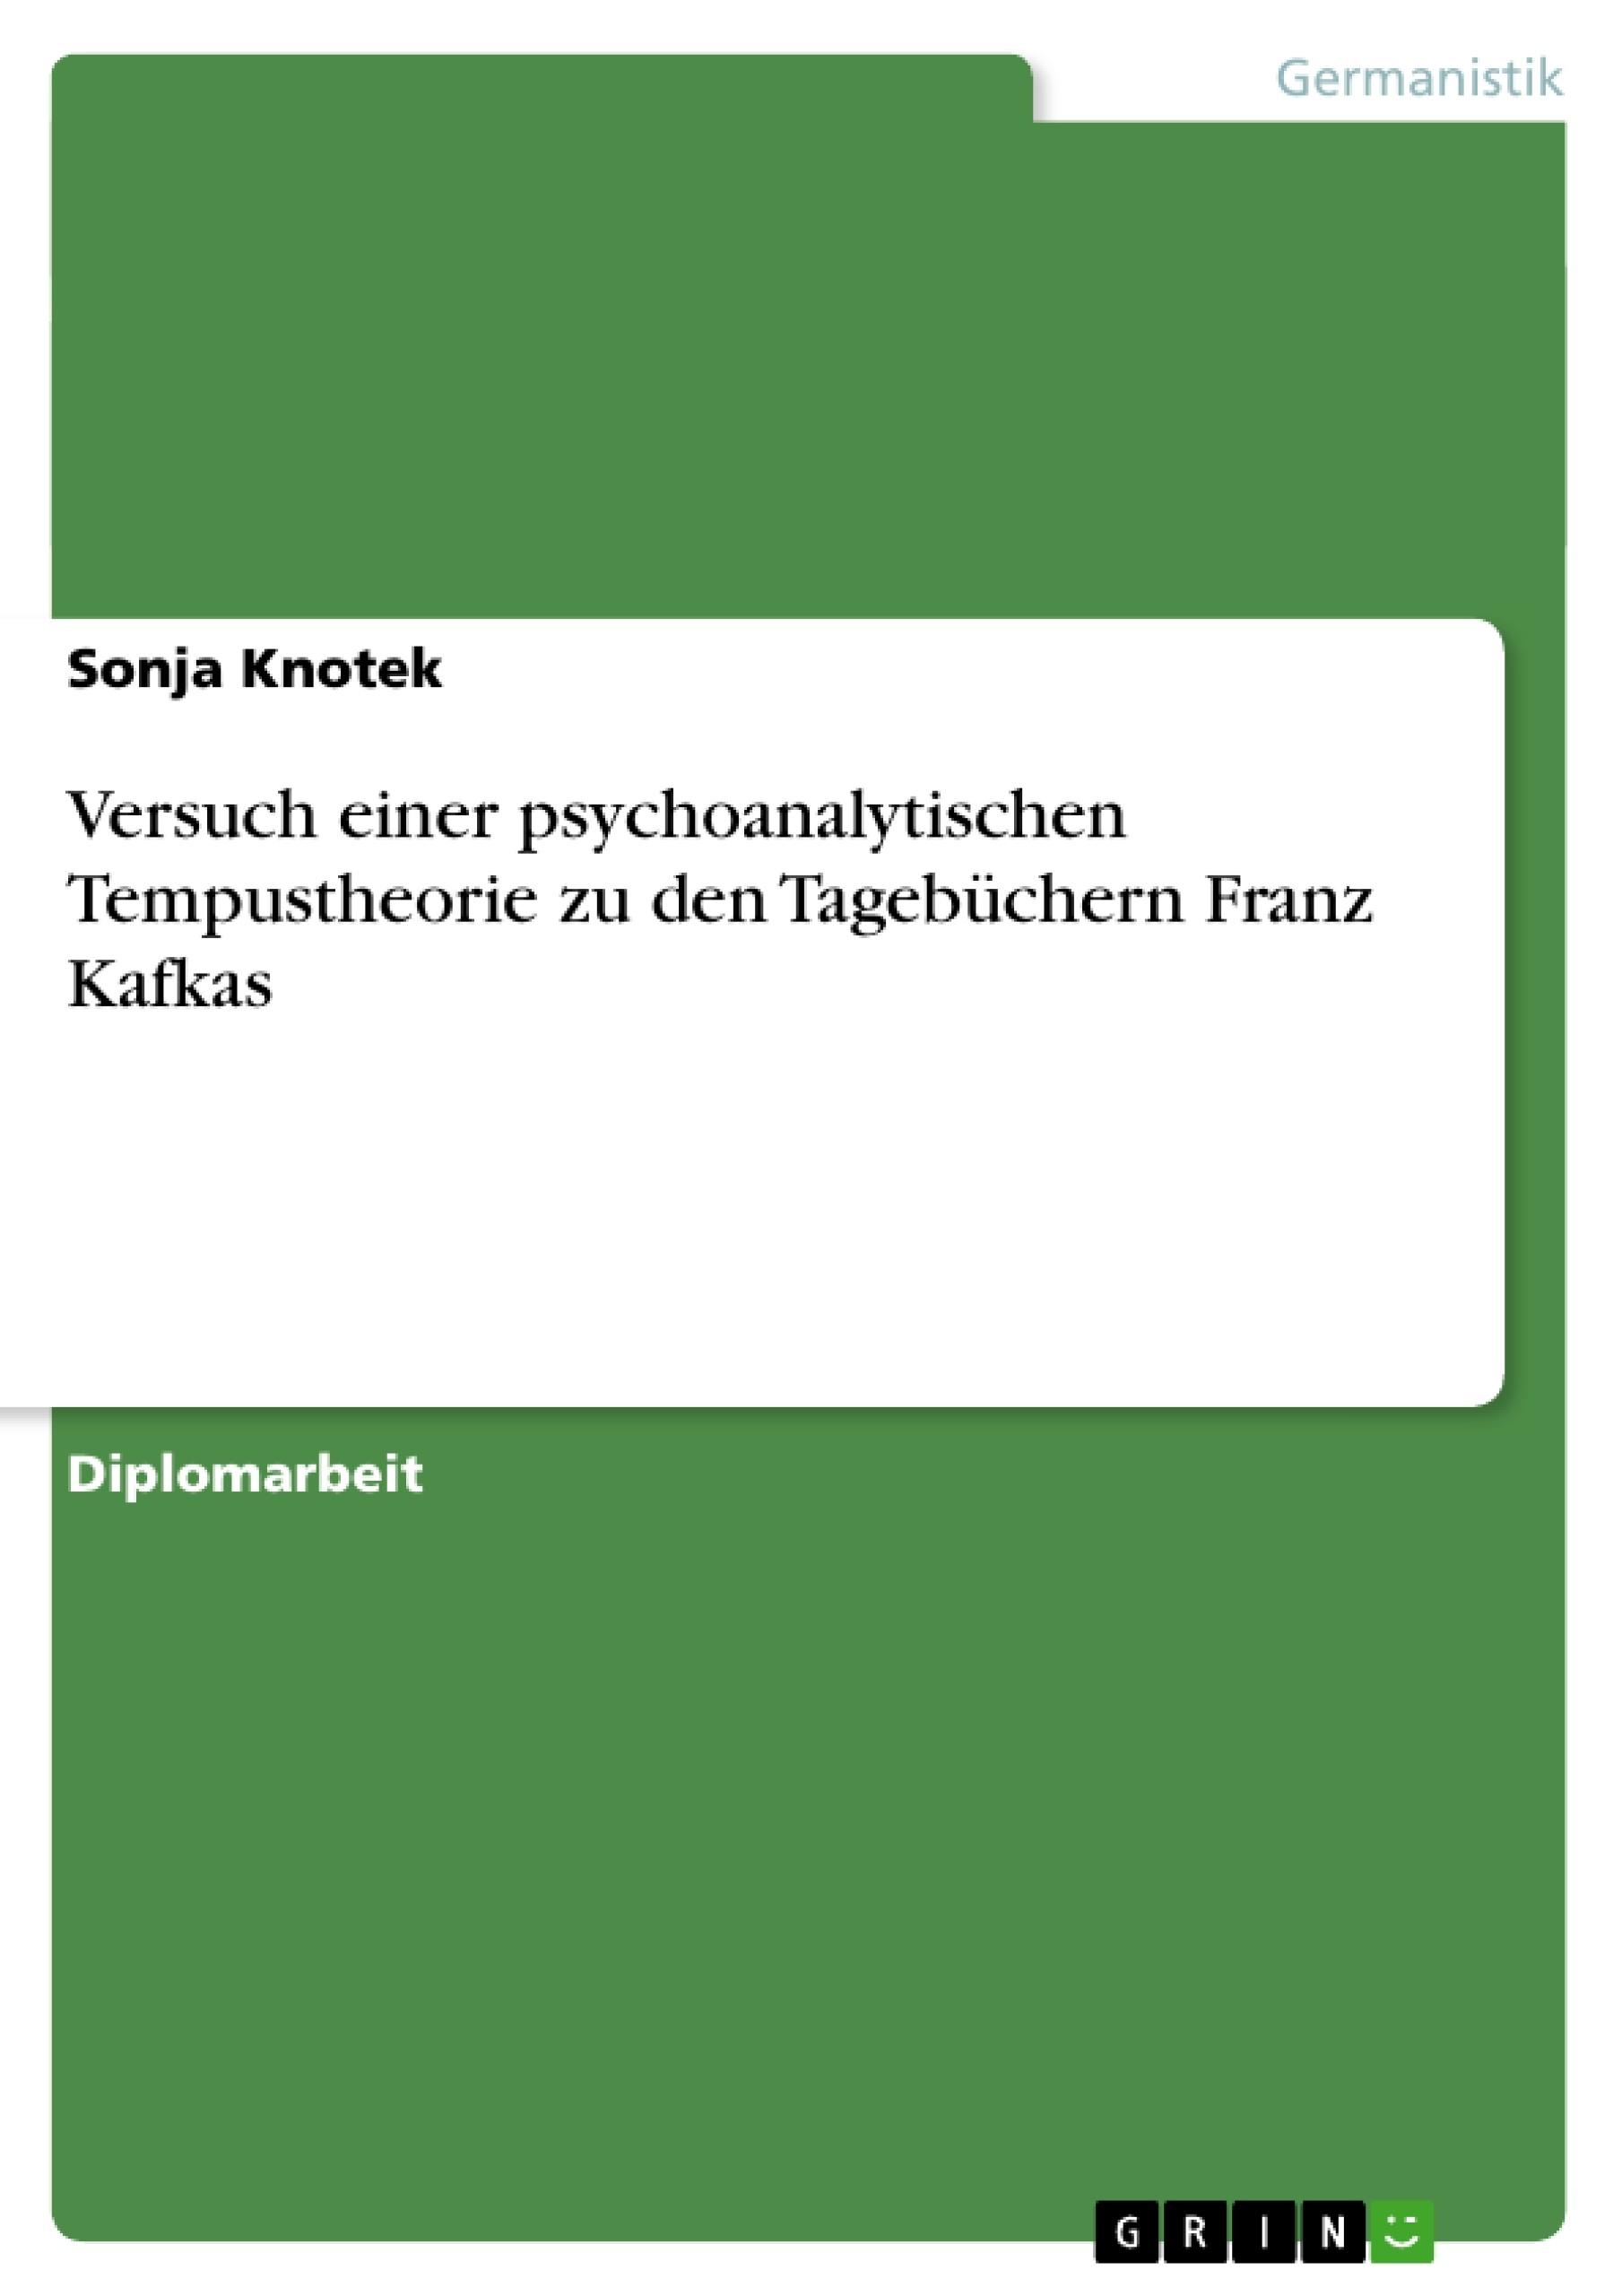 Titel: Versuch einer psychoanalytischen Tempustheorie zu den Tagebüchern Franz Kafkas